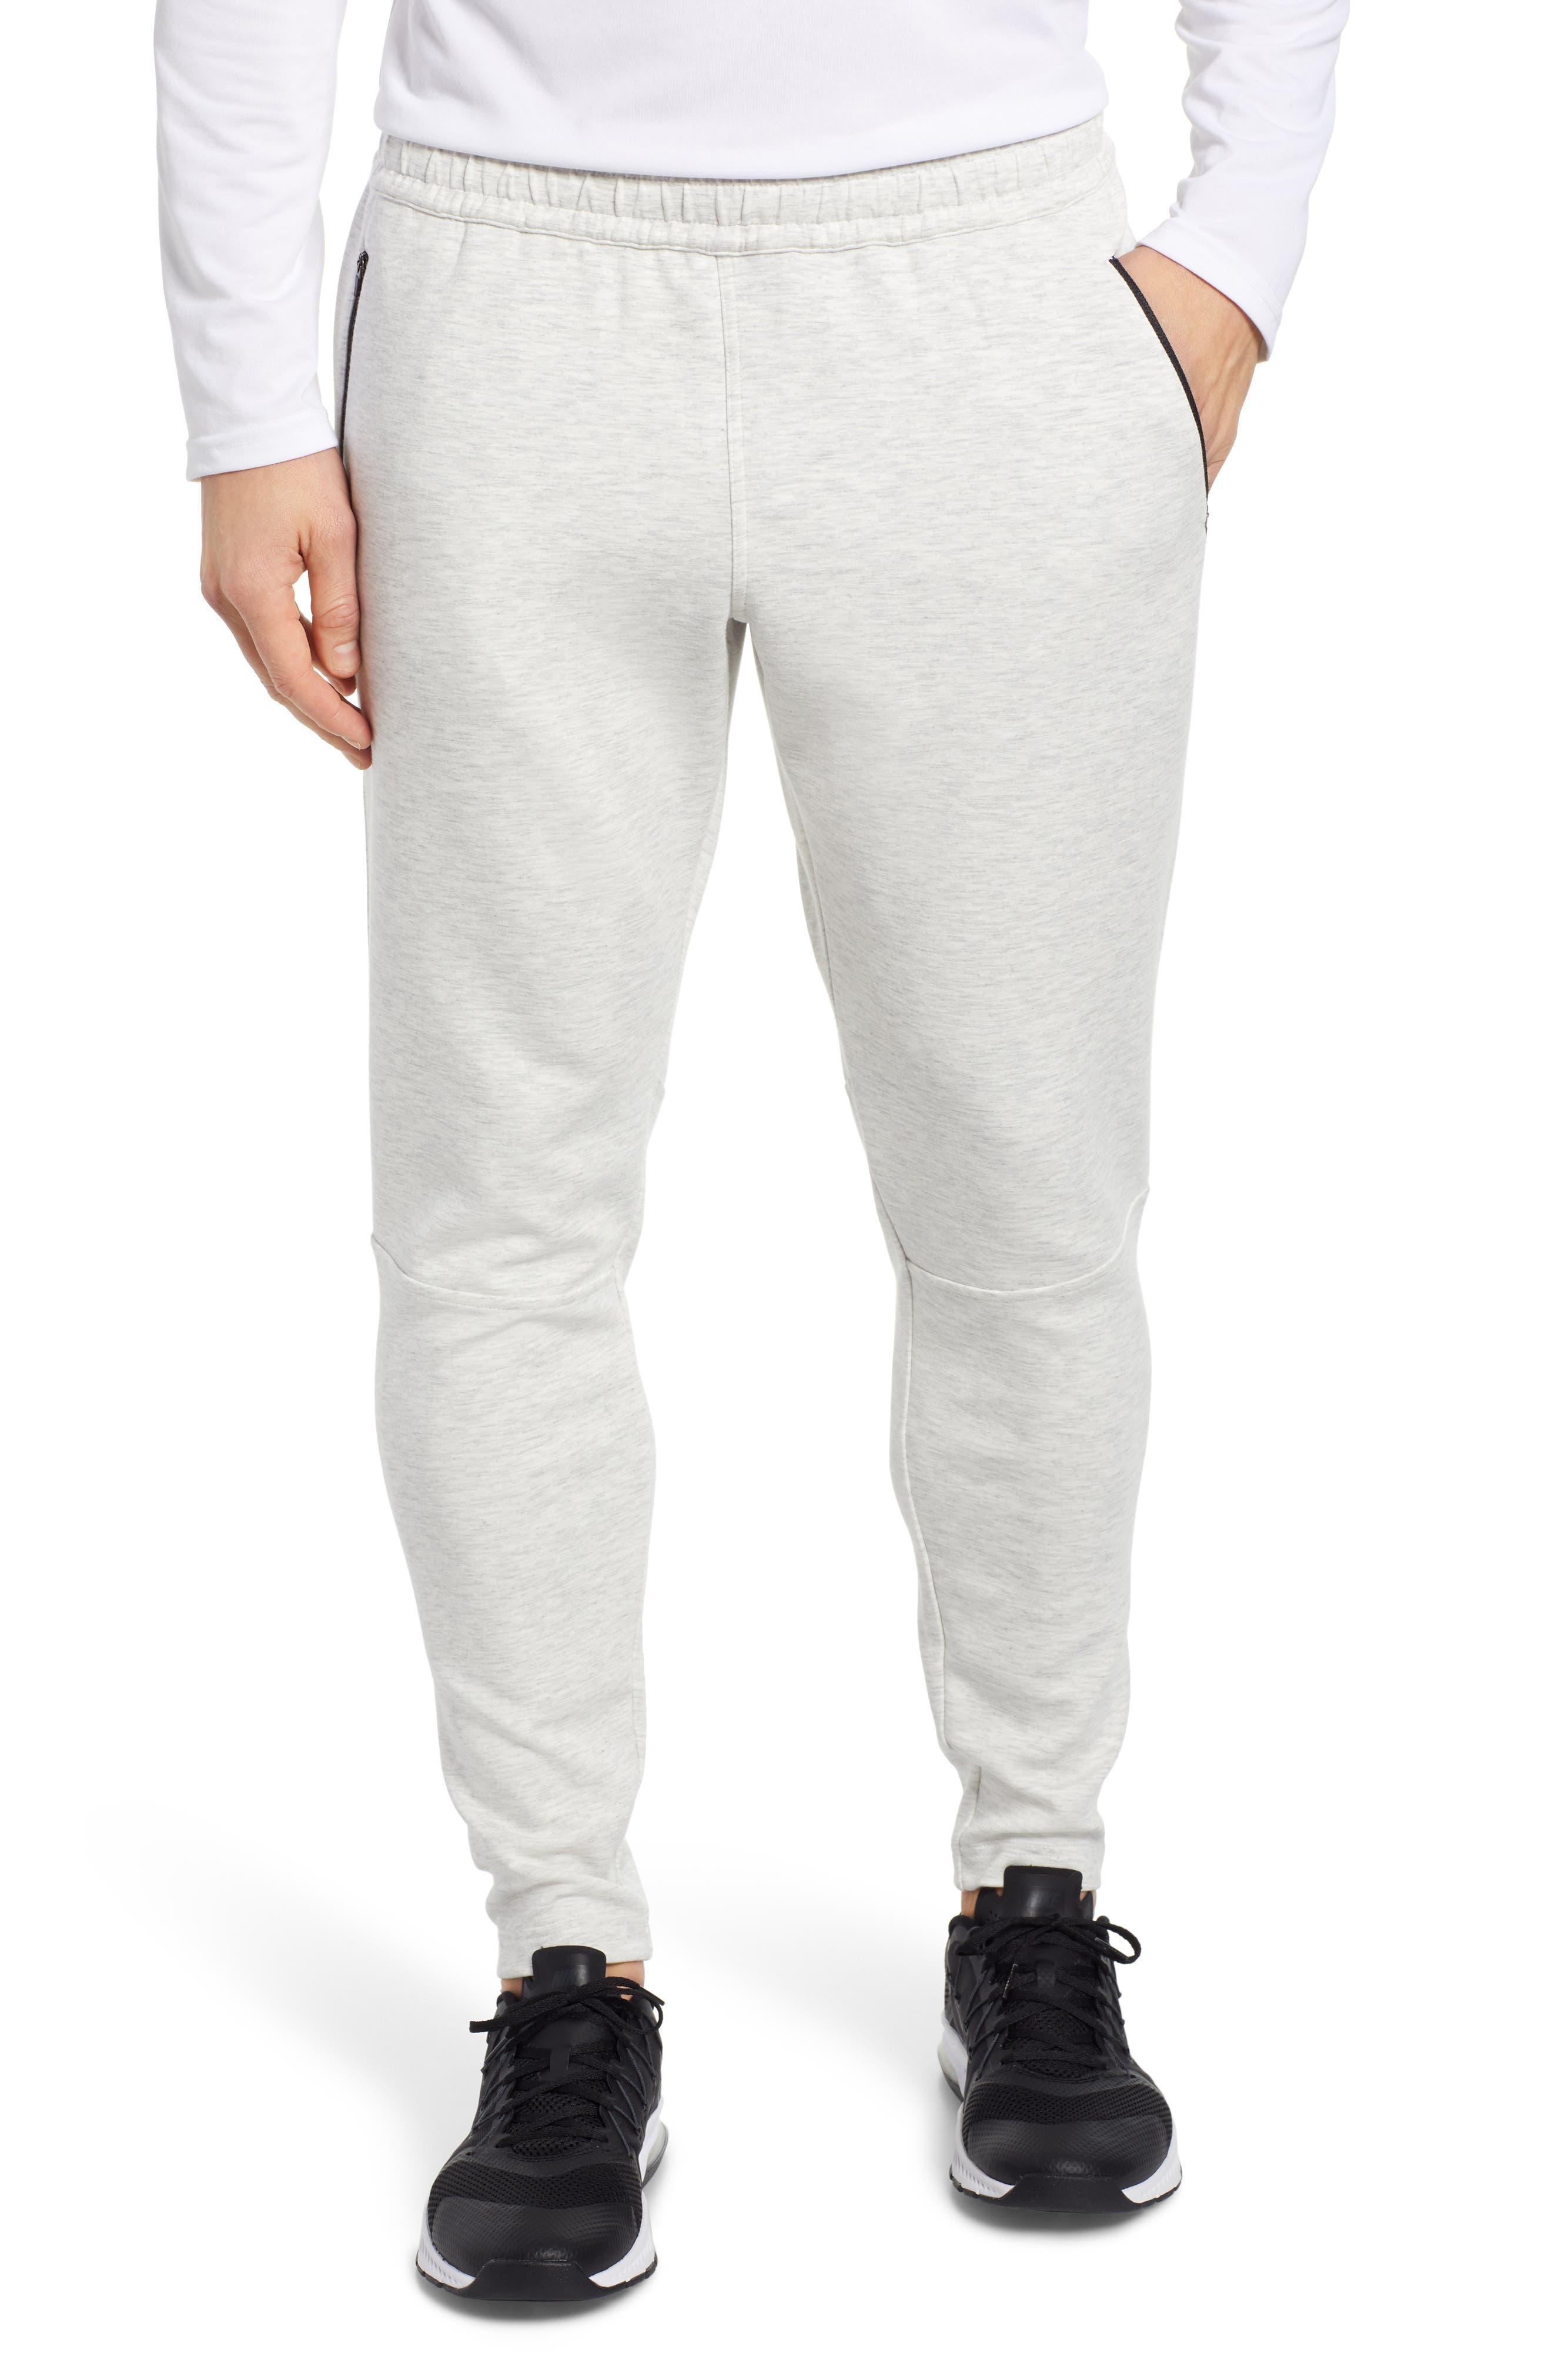 ZELLA, Zip Pocket Tech Jogger Pants, Main thumbnail 1, color, WHITE OXIDE MELANGE